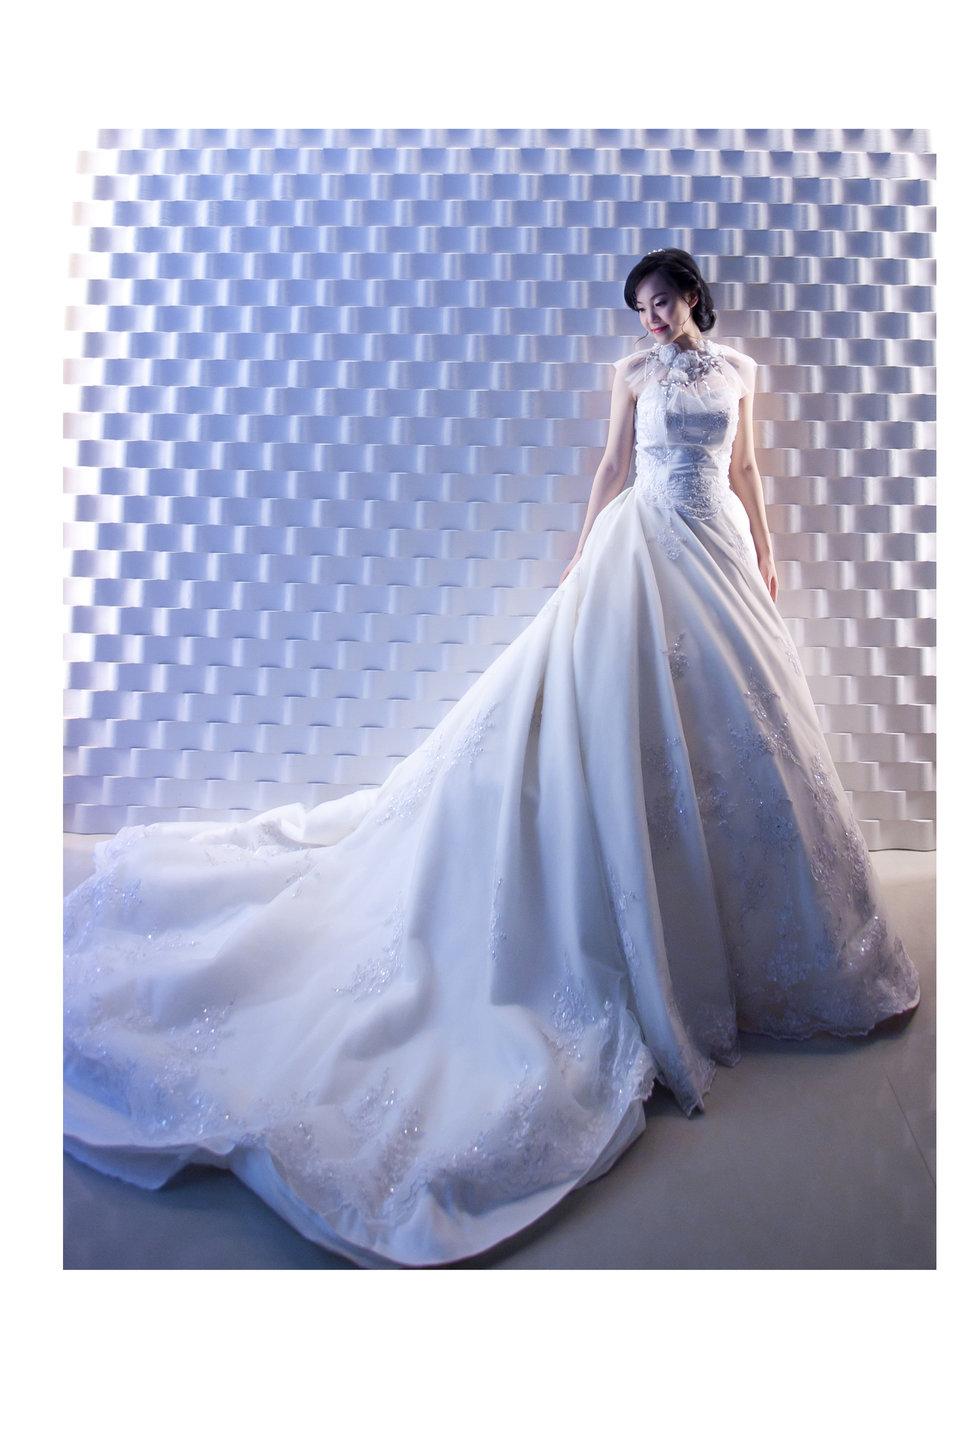 0-11 - 台中2號出口婚紗攝影工作室 - 結婚吧